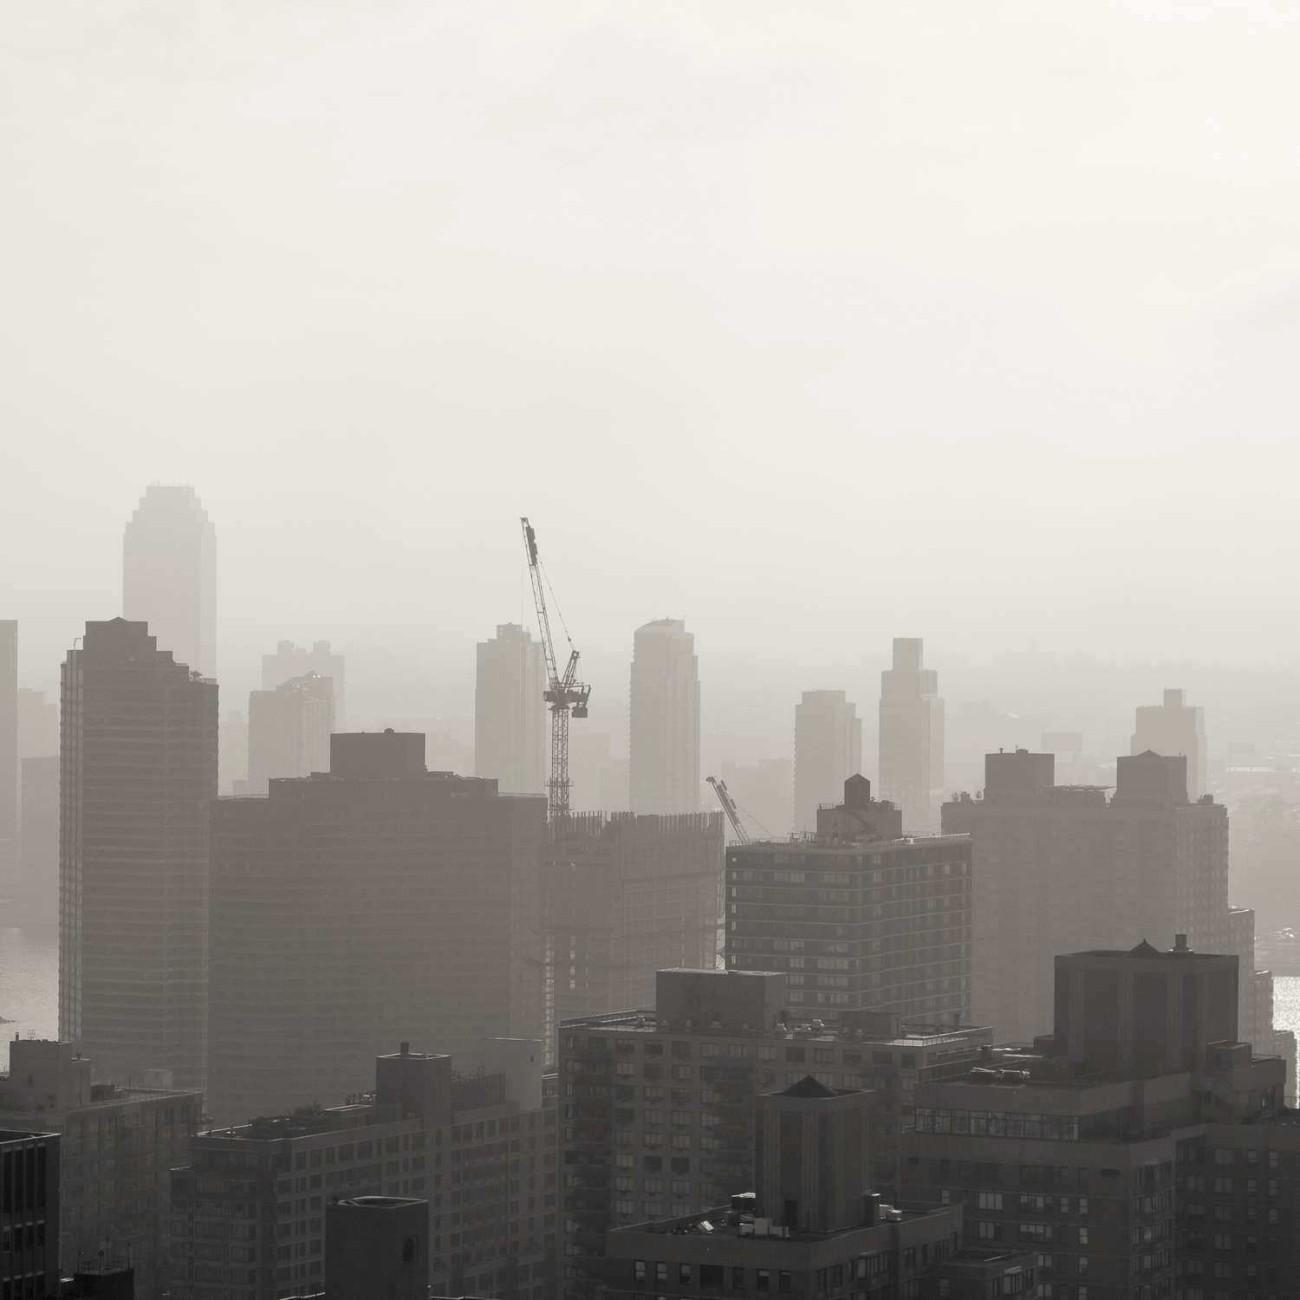 Morning haze along the East River, NY, 2015